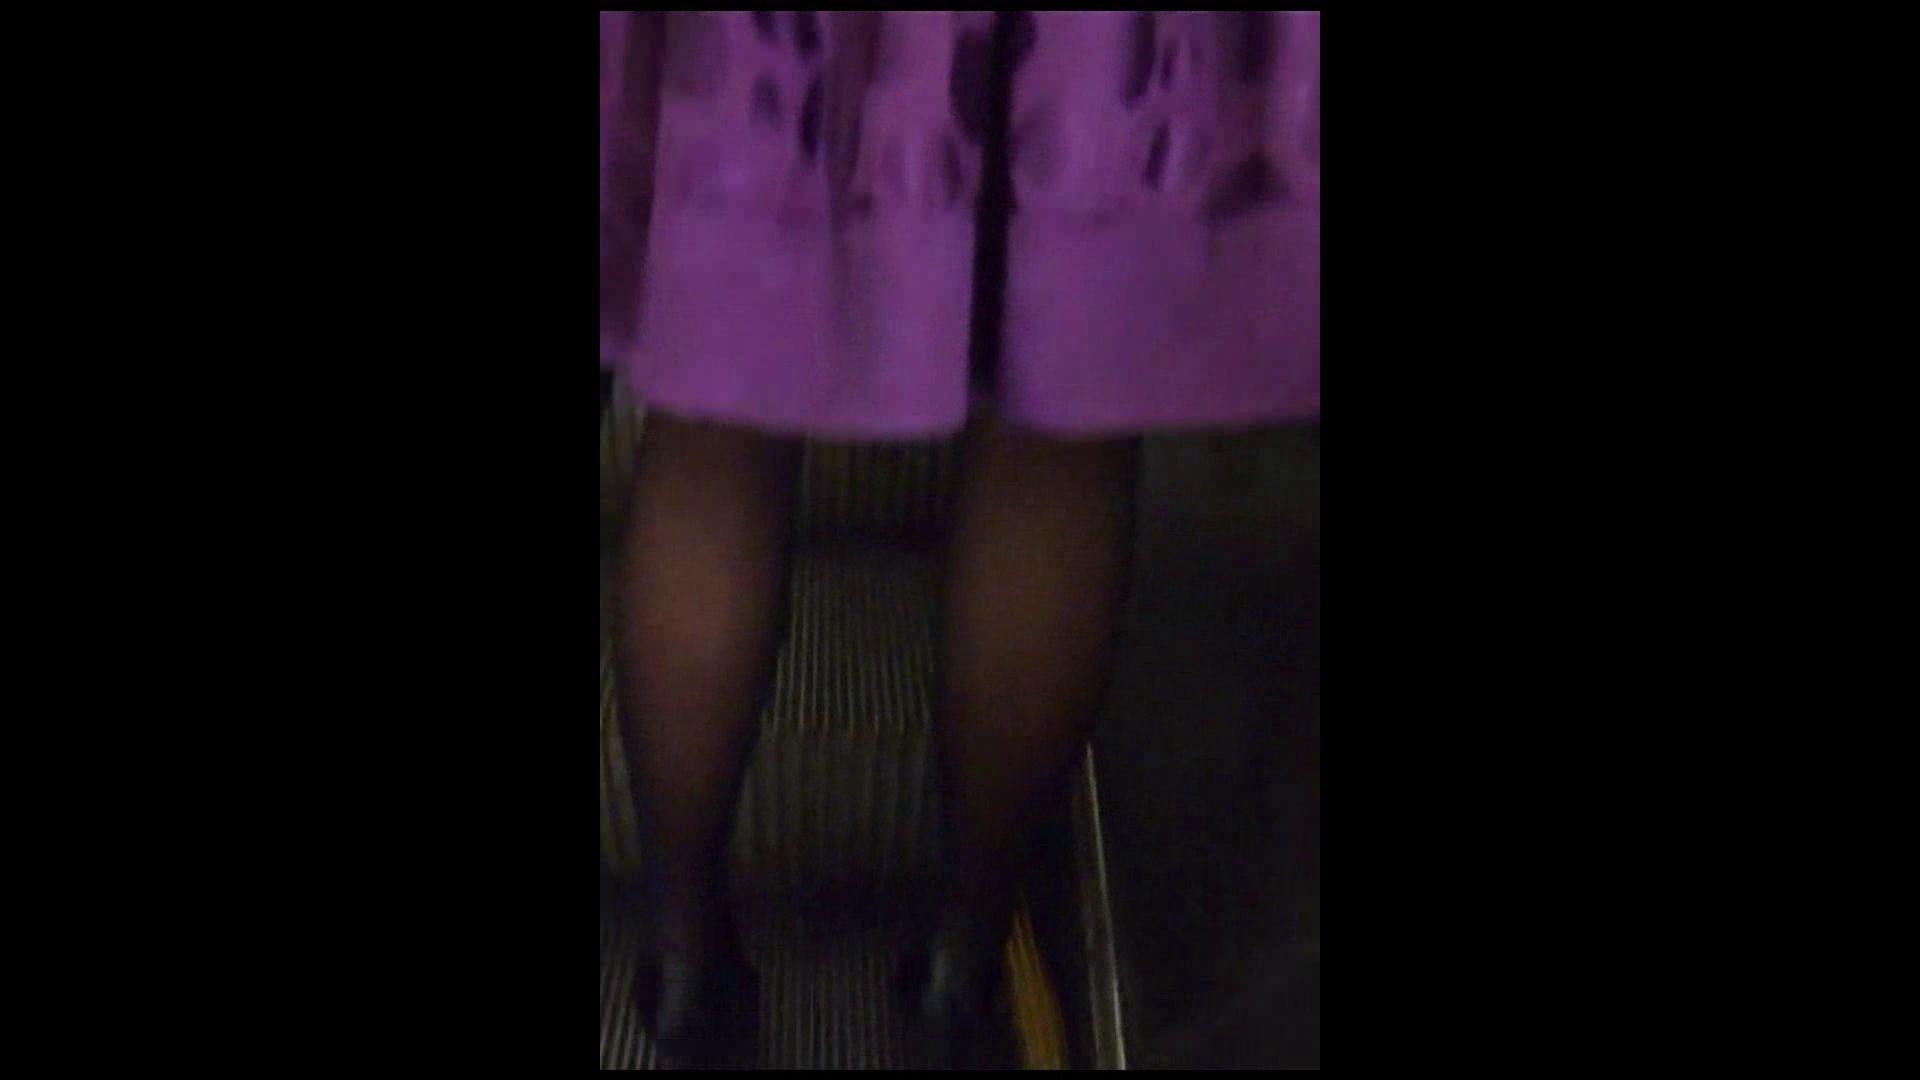 綺麗なモデルさんのスカート捲っちゃおう‼vol03 Hなお姉さん   HなOL  87pic 18